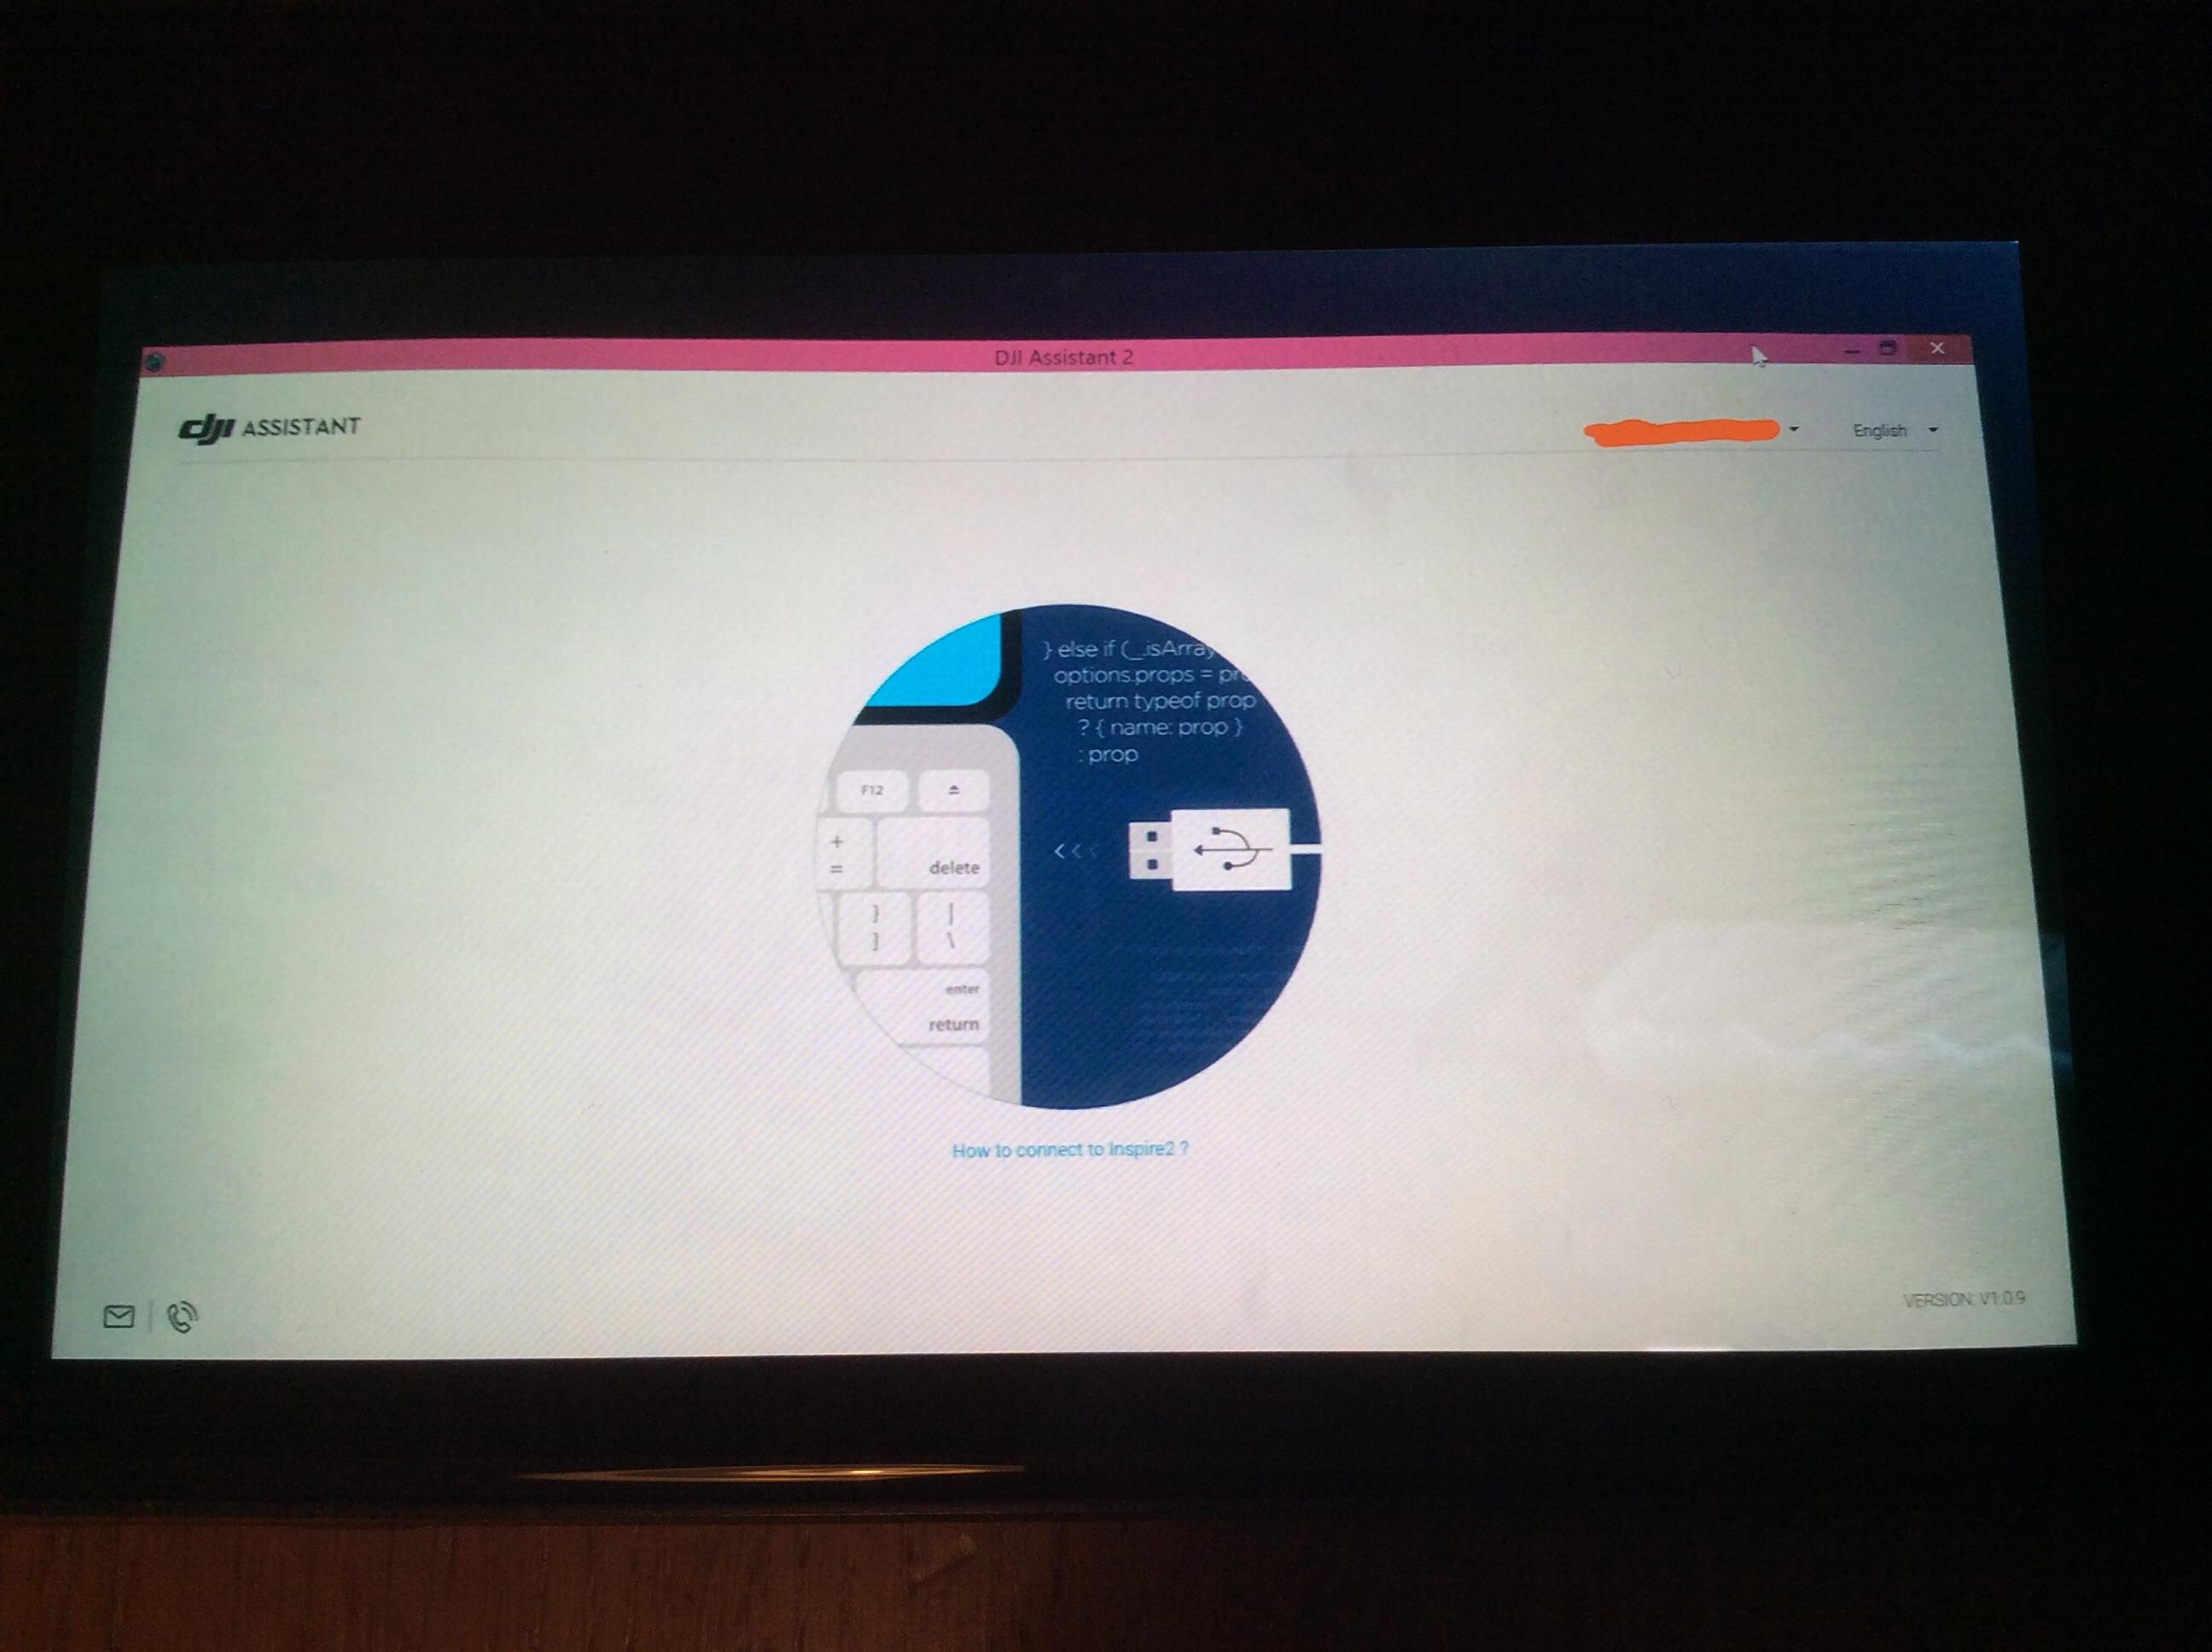 Dji драйвер для компьютера гарды spark по сниженной цене